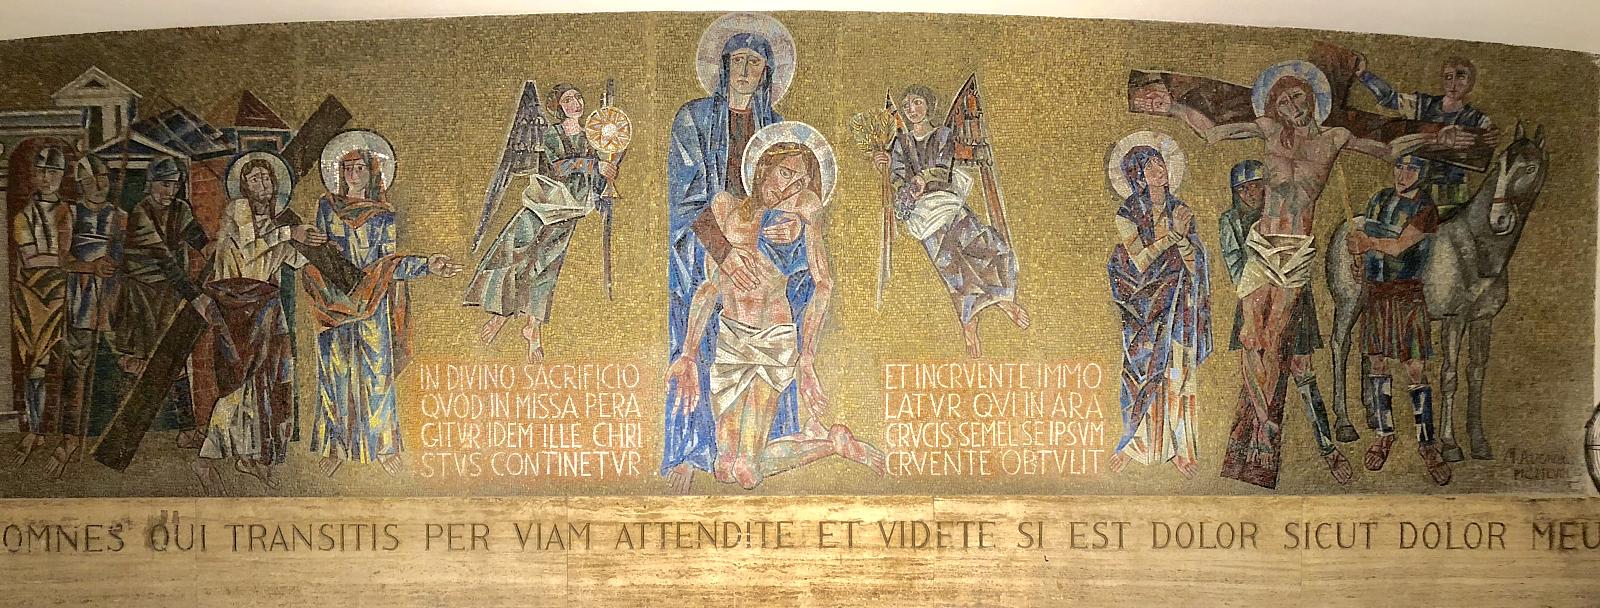 Mozaika Matki Boskiej Bolesnej z katedry w Manilii - InLocoMagistra, CC BY-SA 4.0